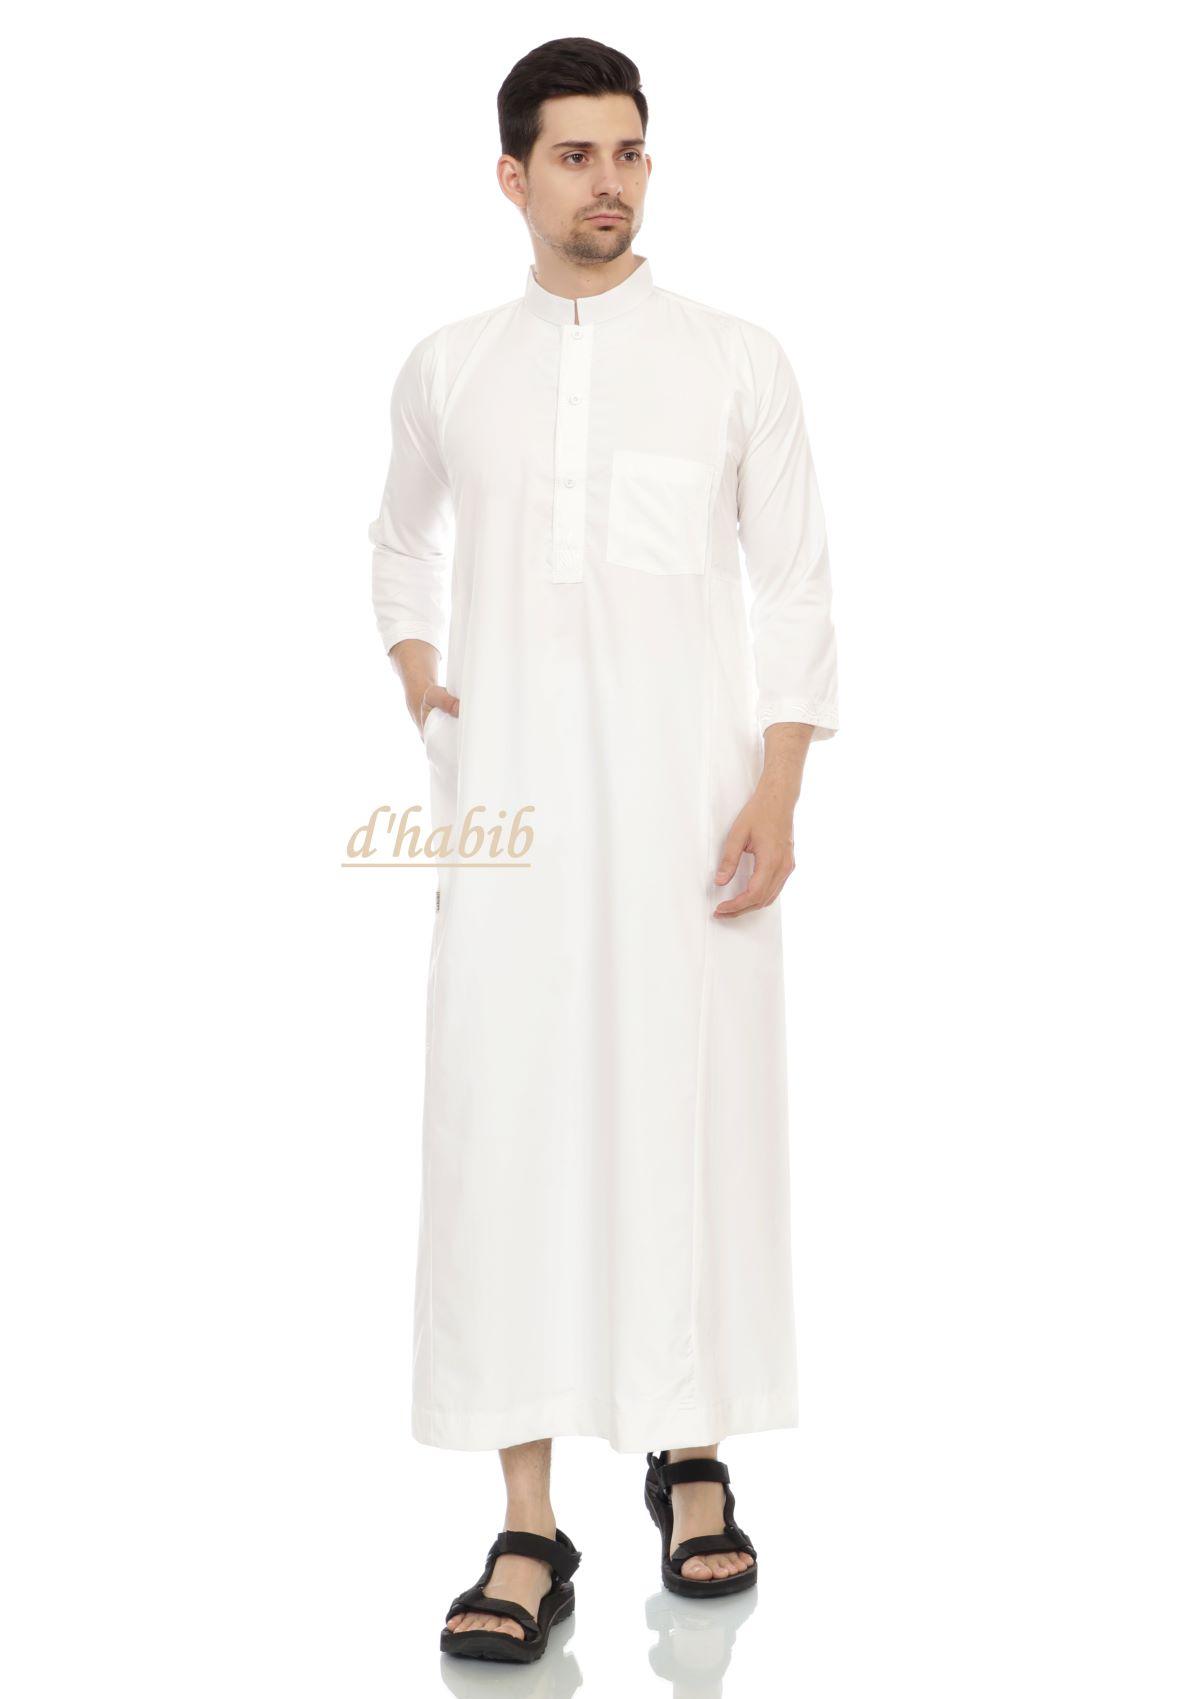 jubah muslim dhabib   long jubah  gamis pria   baju koko  kurta panjang